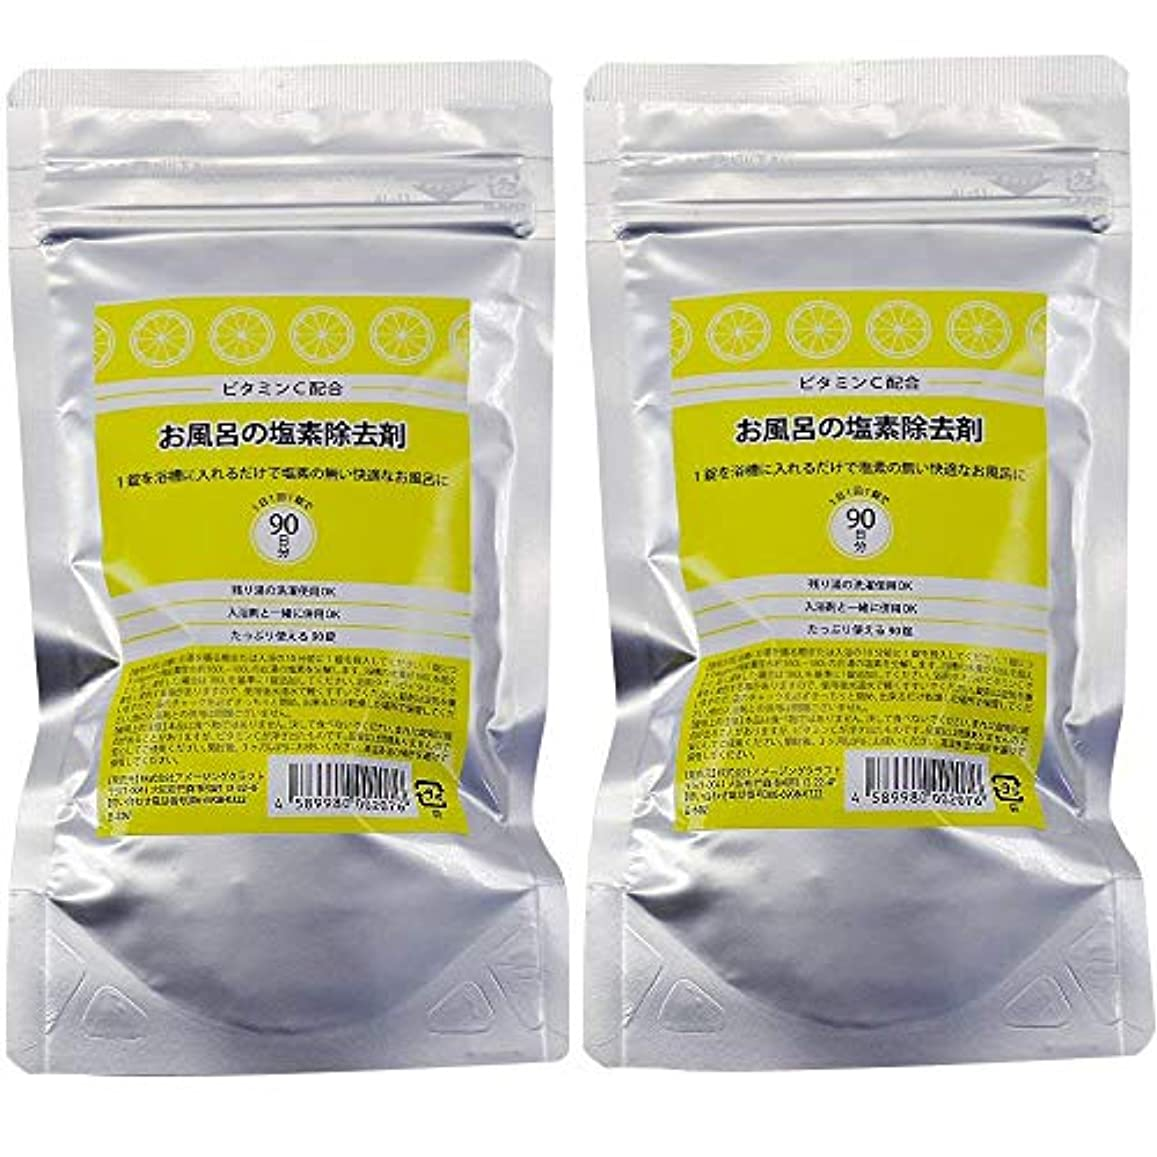 スパーク振る舞う液化するビタミンC配合 お風呂の塩素除去剤 錠剤タイプ 90錠 2個セット 浴槽用脱塩素剤